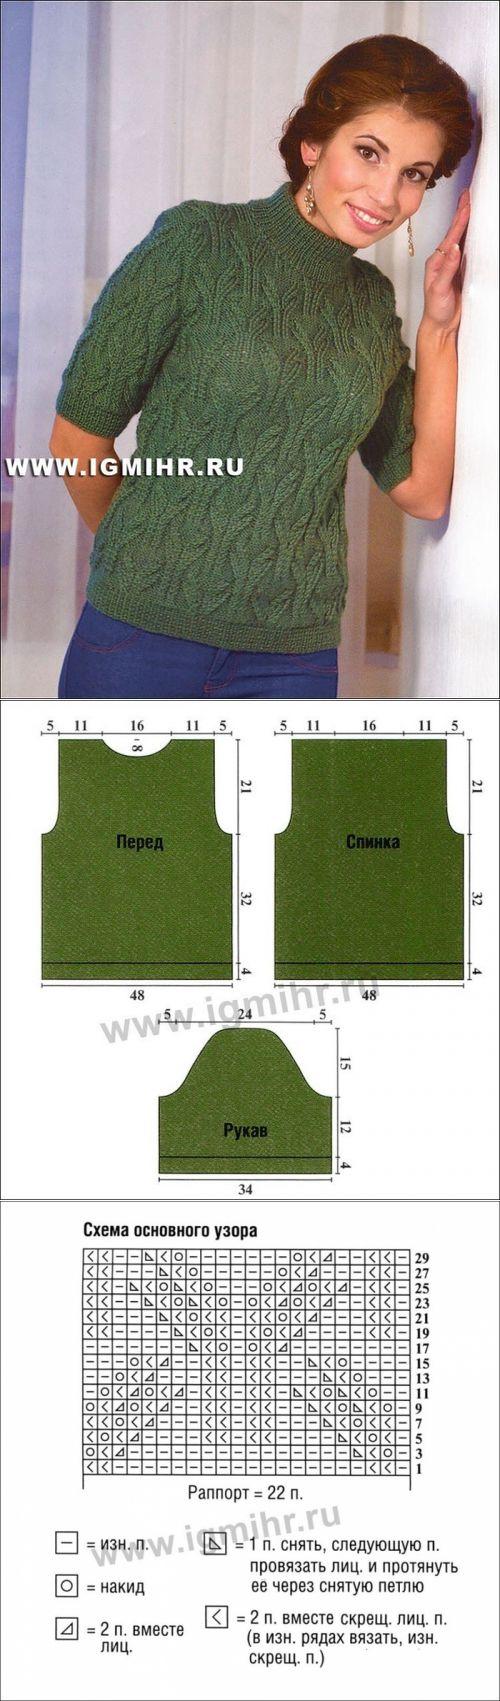 Зеленая кофточка с ажурным узором.